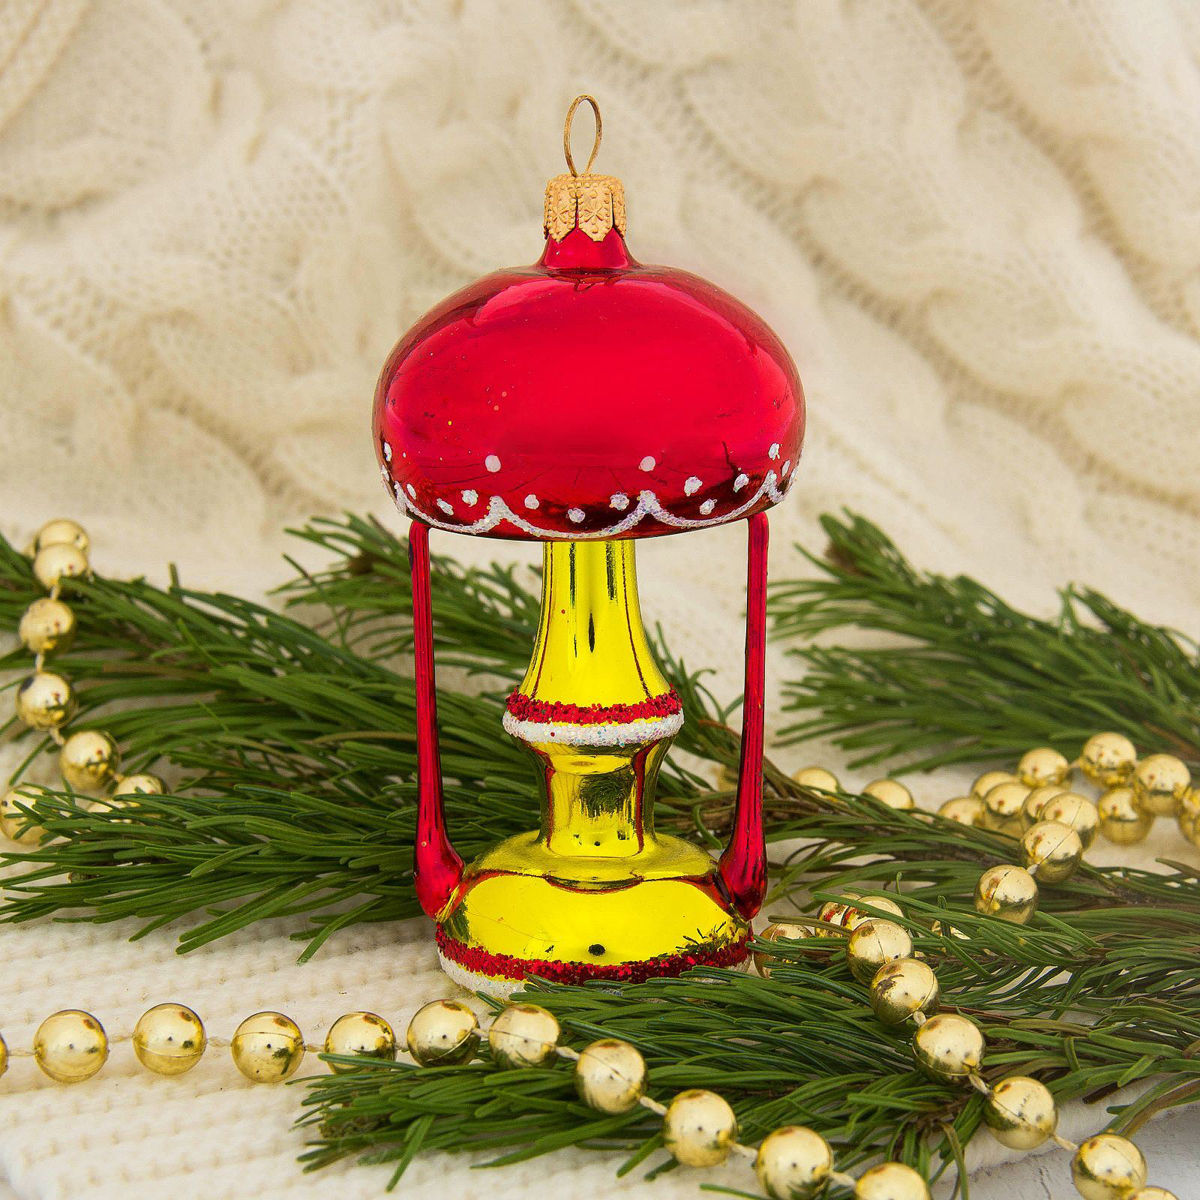 Новогоднее подвесное украшение Ёлочка Ретро, 11 х 6,5 х 6,5 см2564820Новогоднее подвесное украшение Ёлочка отлично подойдет для декорации вашего дома и новогодней ели. Новогоднее украшение можно повесить в любом понравившемся вам месте. Но, конечно, удачнее всего оно будет смотреться на праздничной елке.Елочная игрушка - символ Нового года. Она несет в себе волшебство и красоту праздника. Такое украшение создаст в вашем доме атмосферу праздника, веселья и радости.